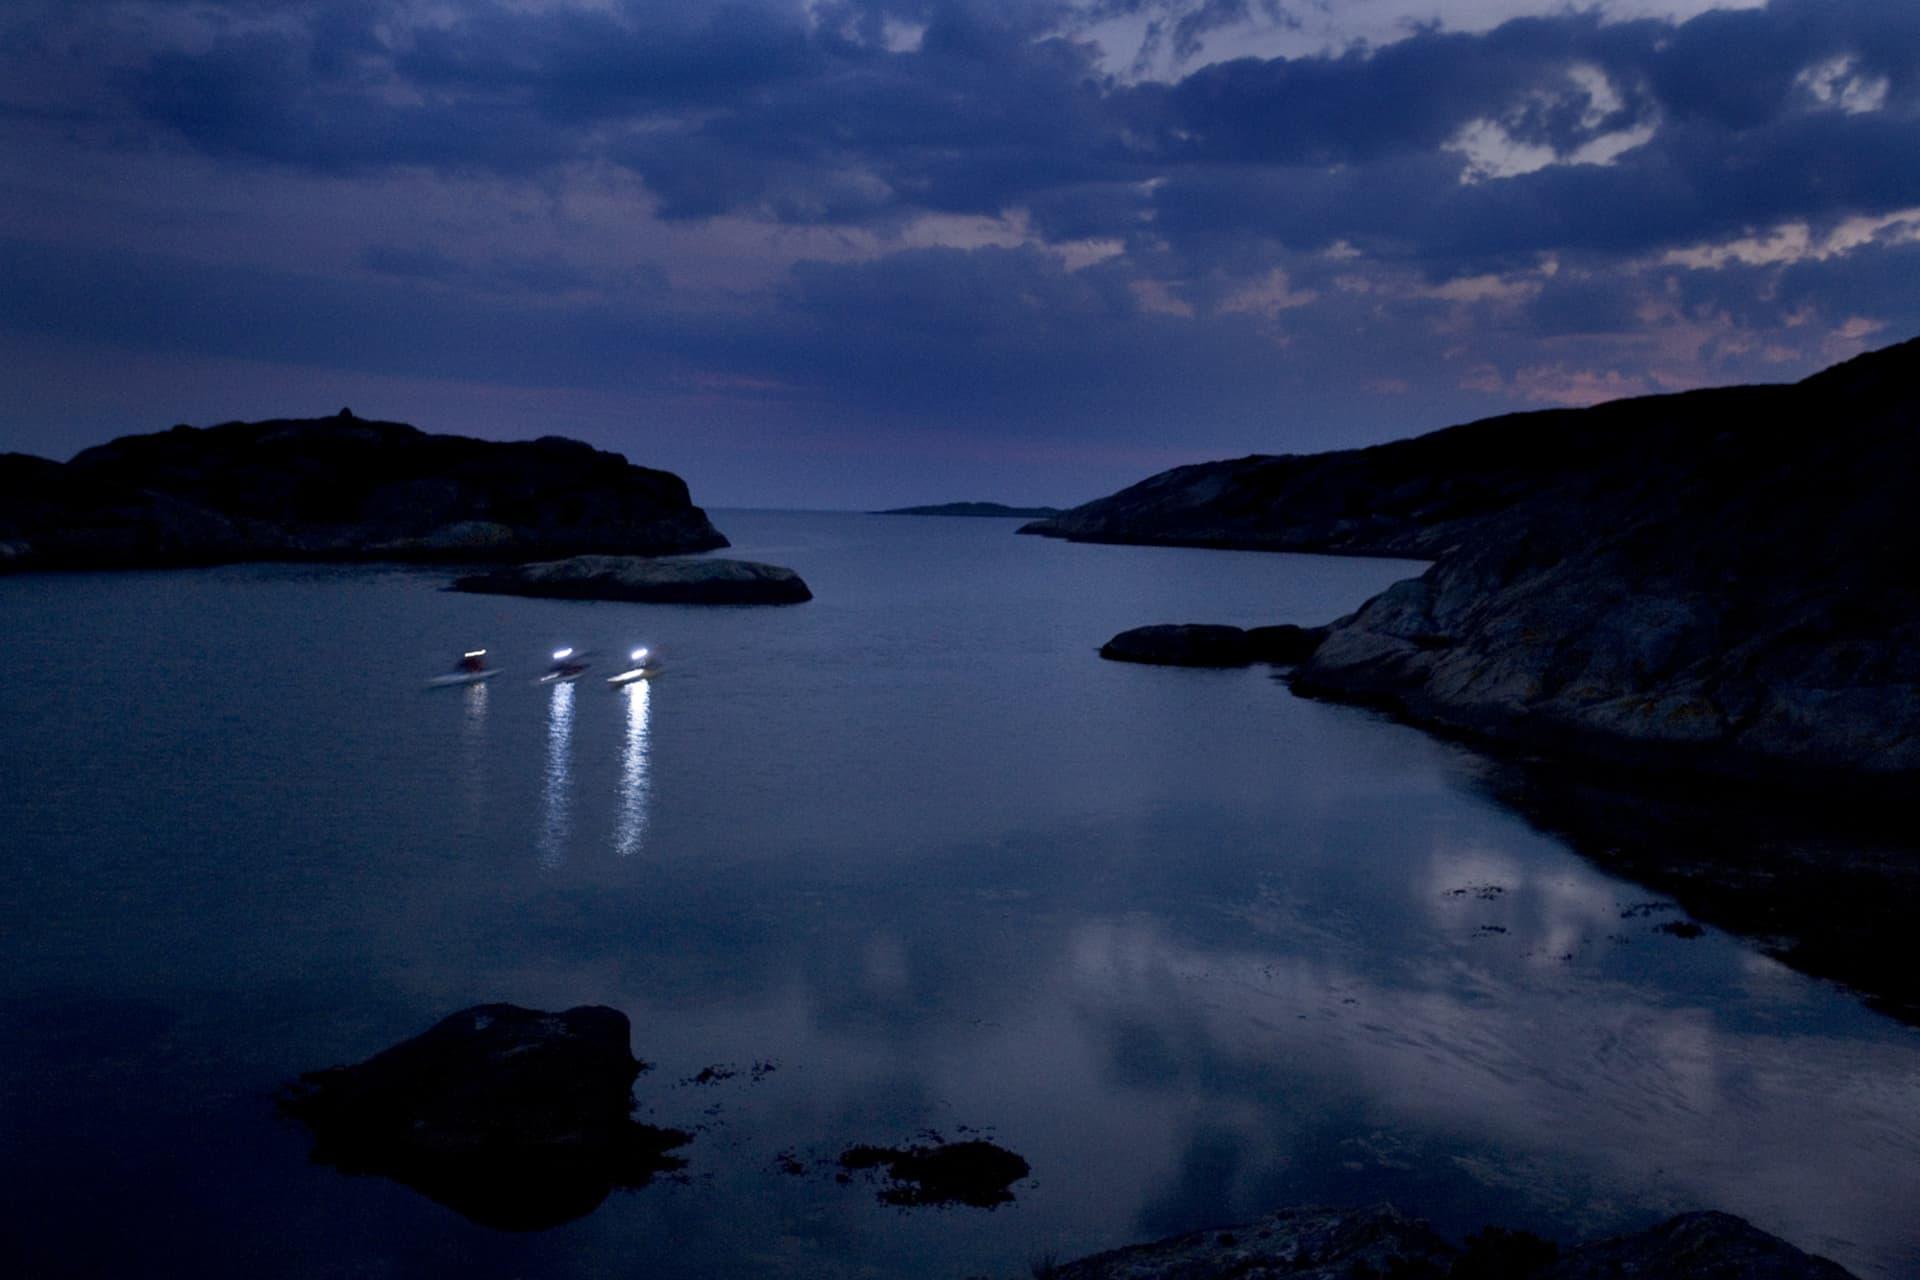 Paddlare gör bäst i att synas även på natten. Vitt ljus runtom gäller. En rejäl pannlampa gör det också lättare att hitta rätt vid landstigning.